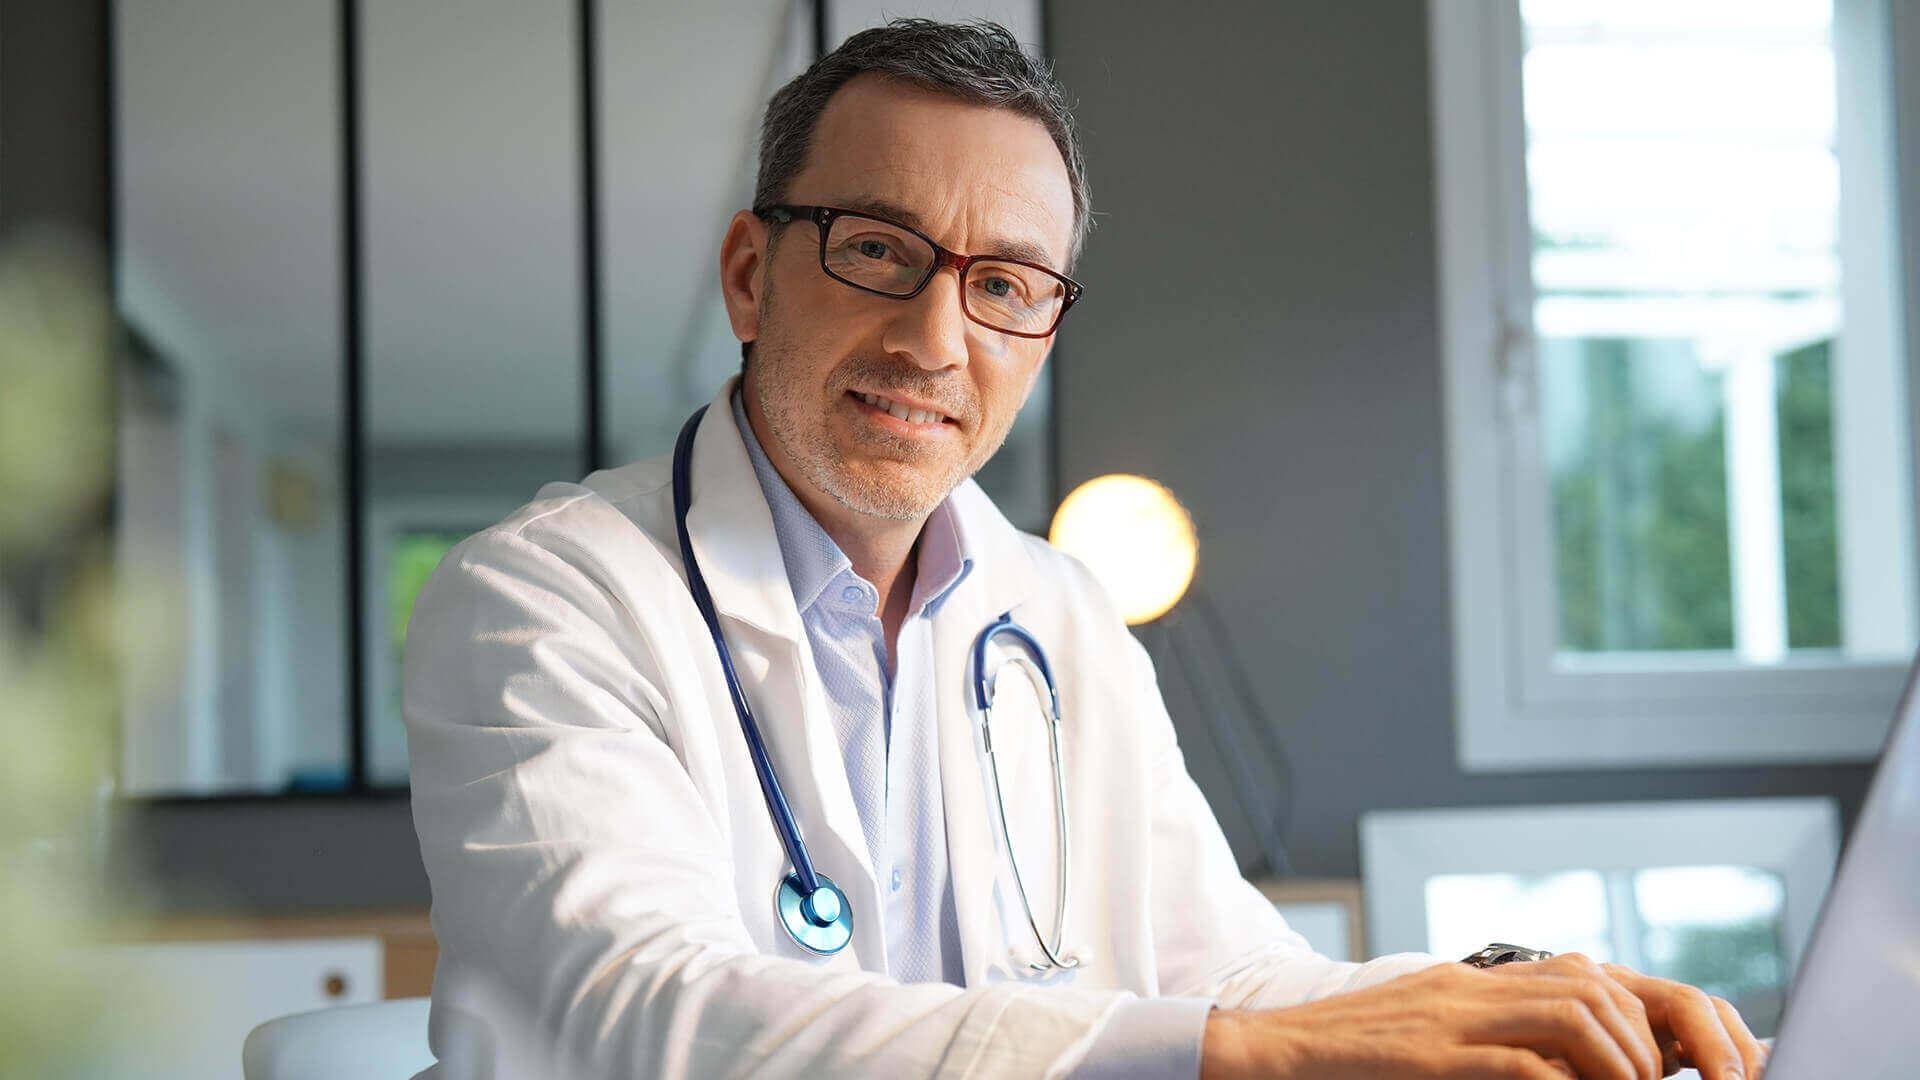 Jak usunąć e-Skierowanie - lekarz w gabinecie